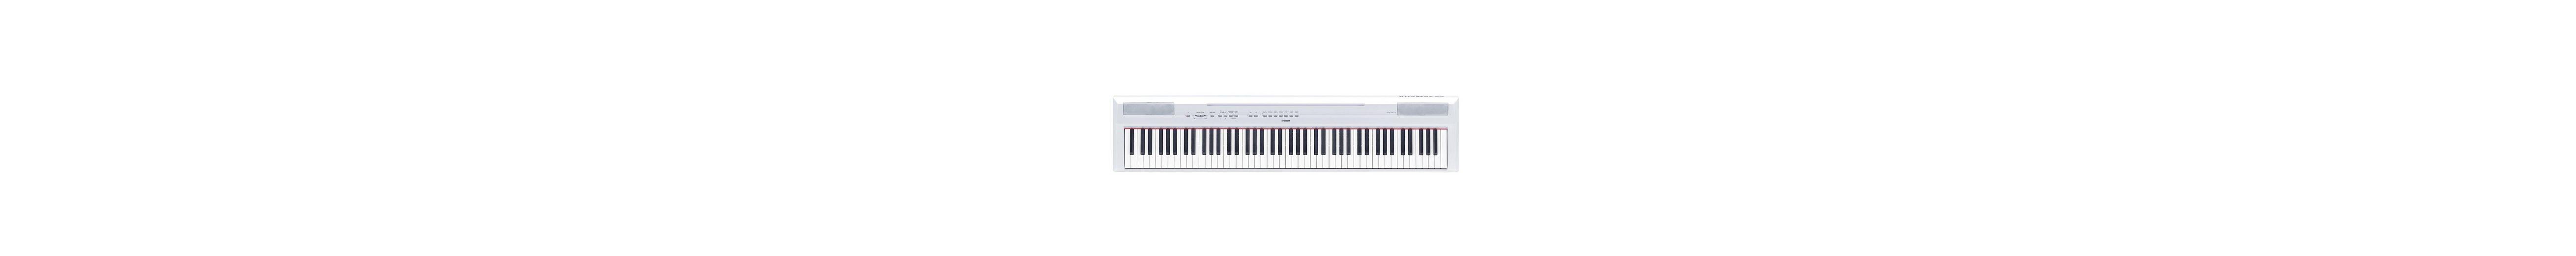 Digital-Piano, »P-115WH«, Yamaha